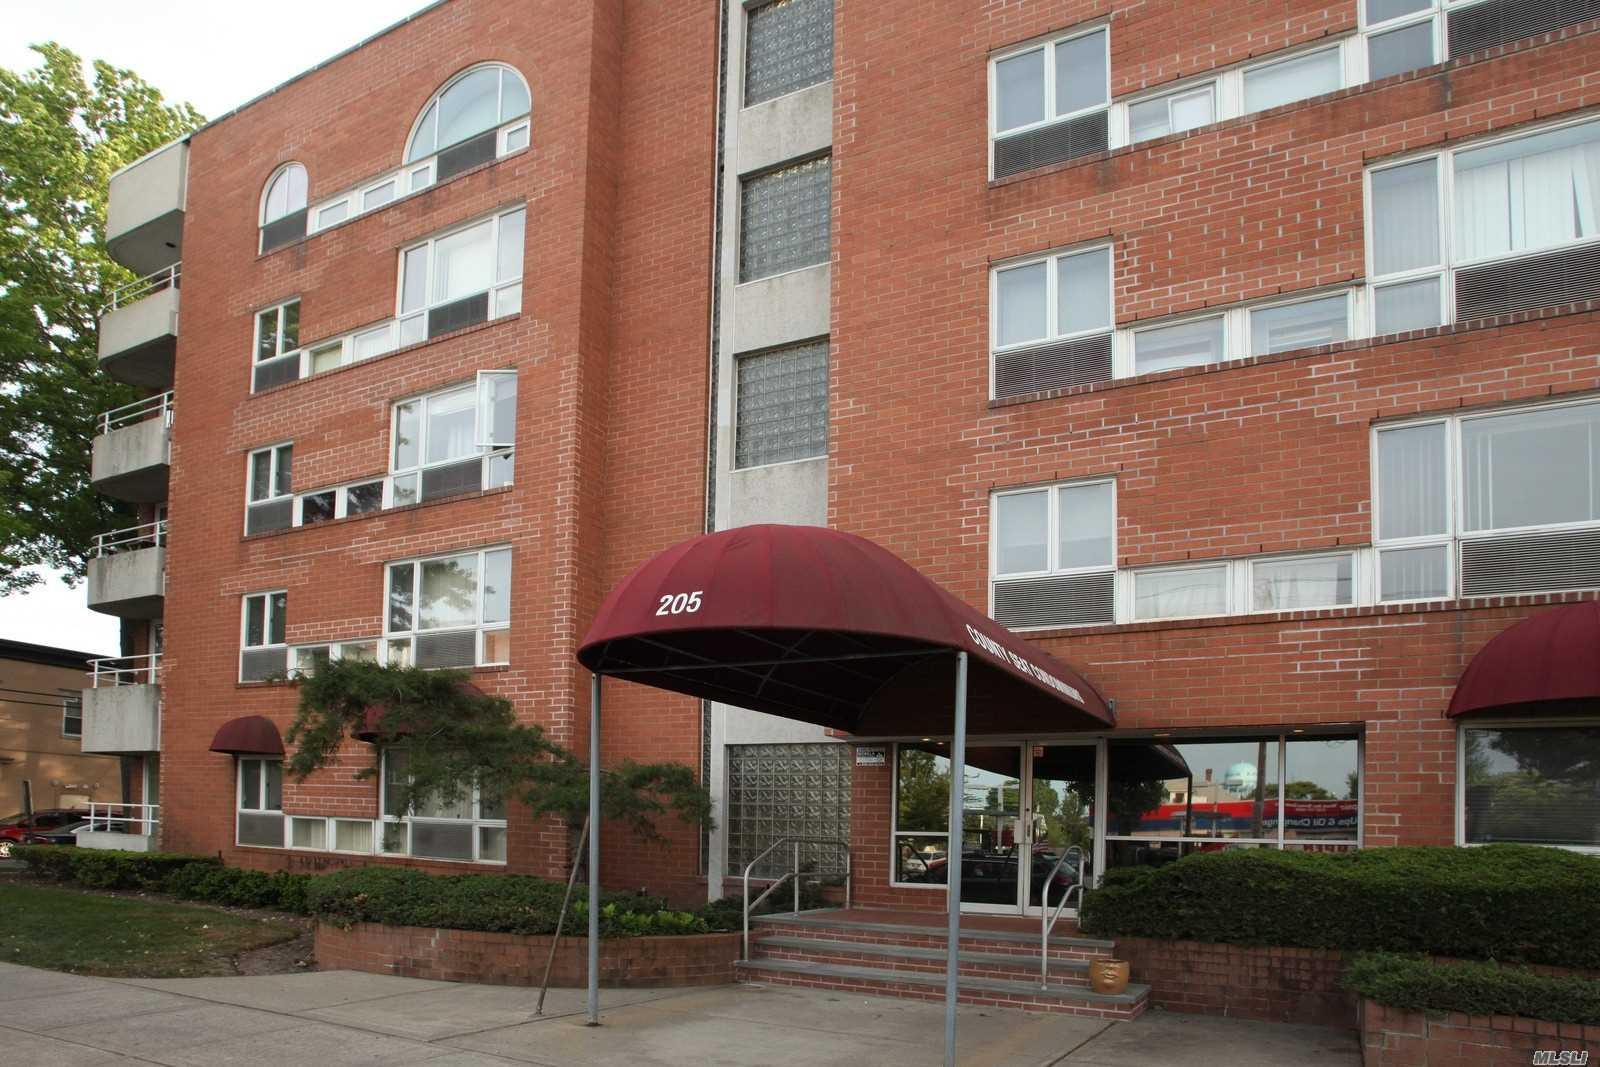 205 Mineola Blvd, 3J - Mineola, New York